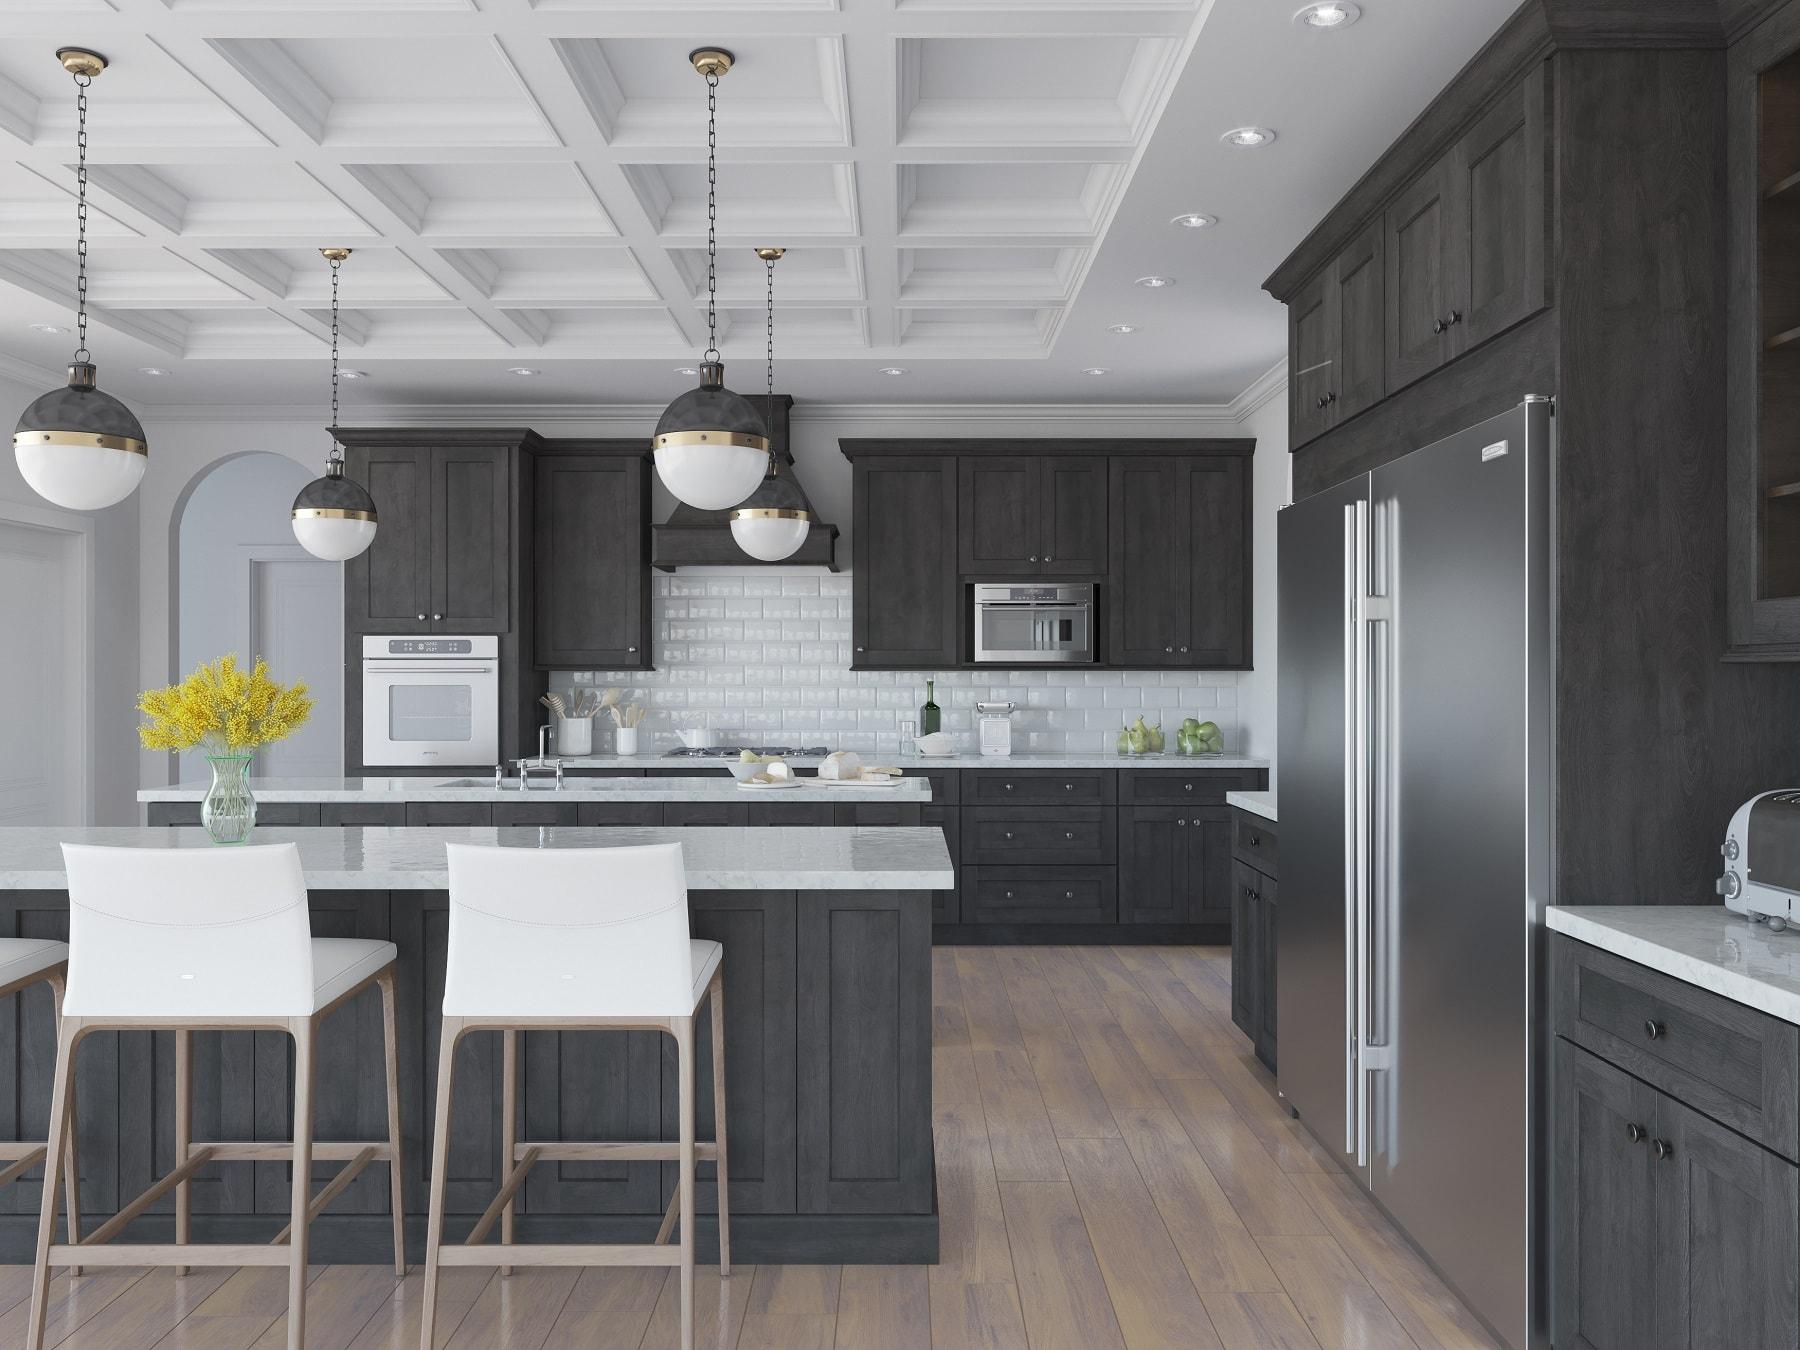 kitchen cabinets fresno ca